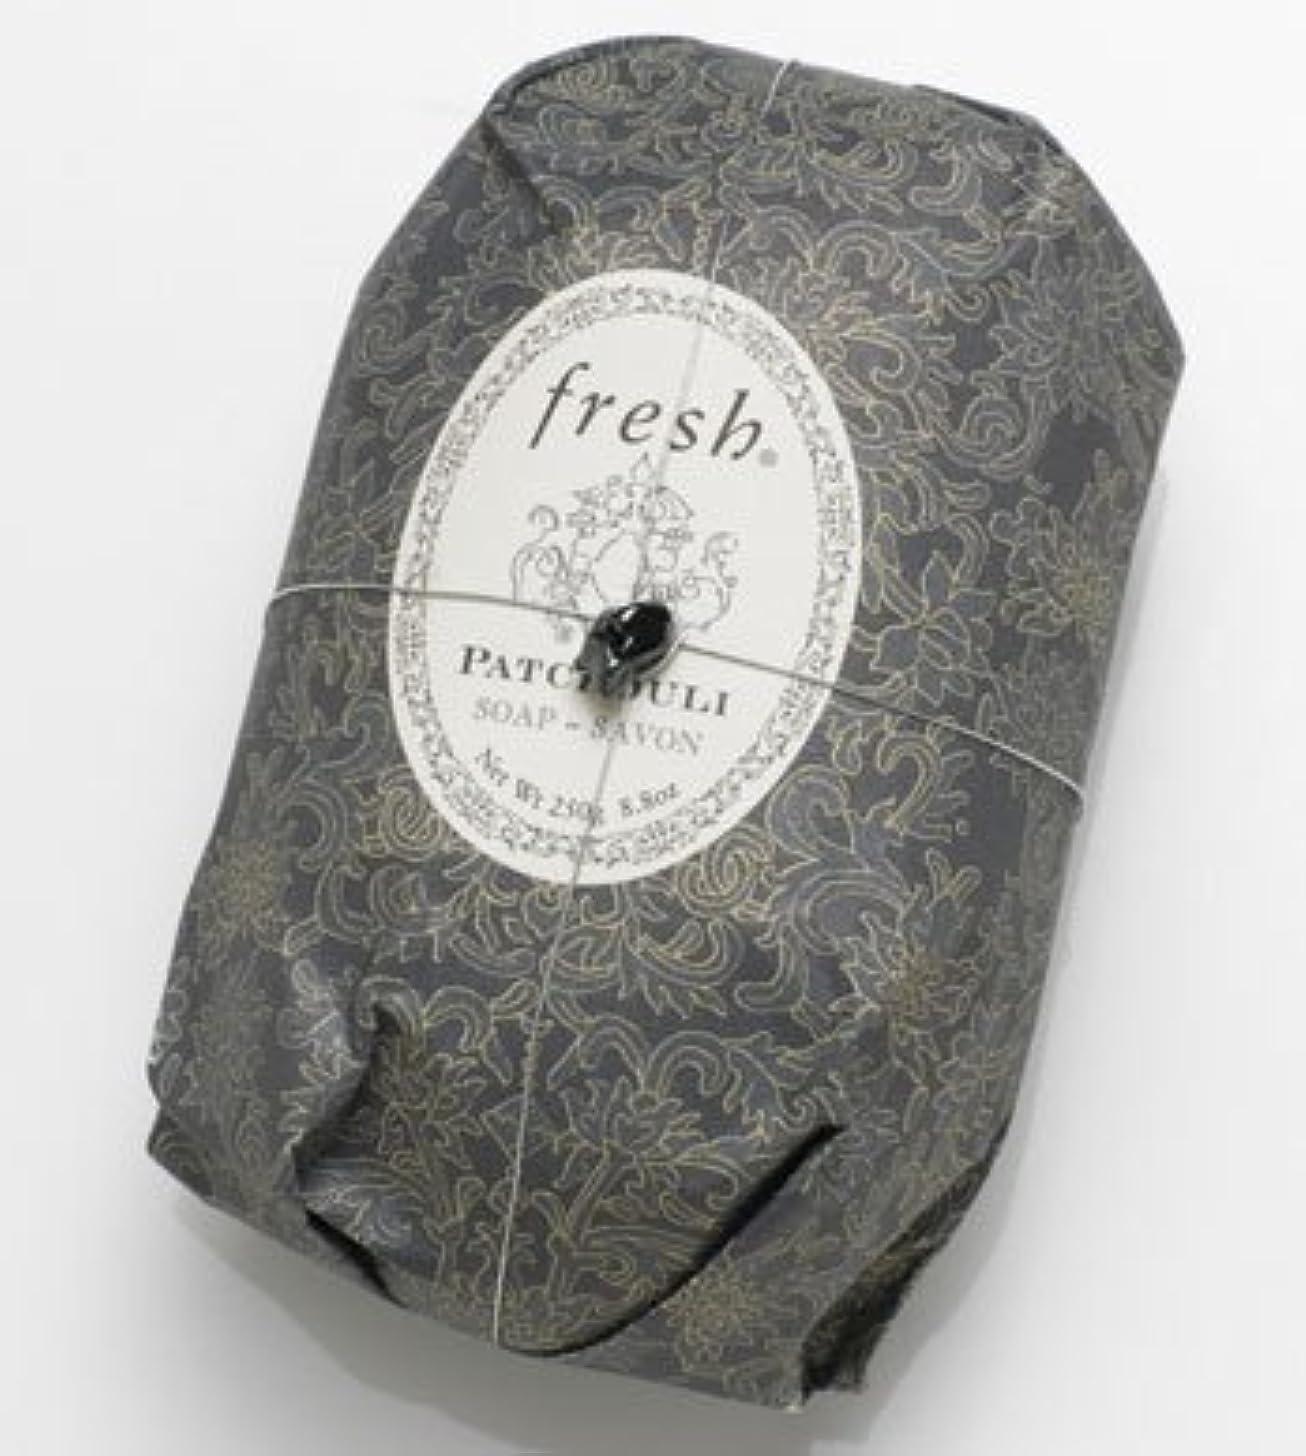 にんじん豚肉Fresh PATCHOULI SOAP (フレッシュ パチョリ ソープ) 8.8 oz (250g) Soap (石鹸) by Fresh